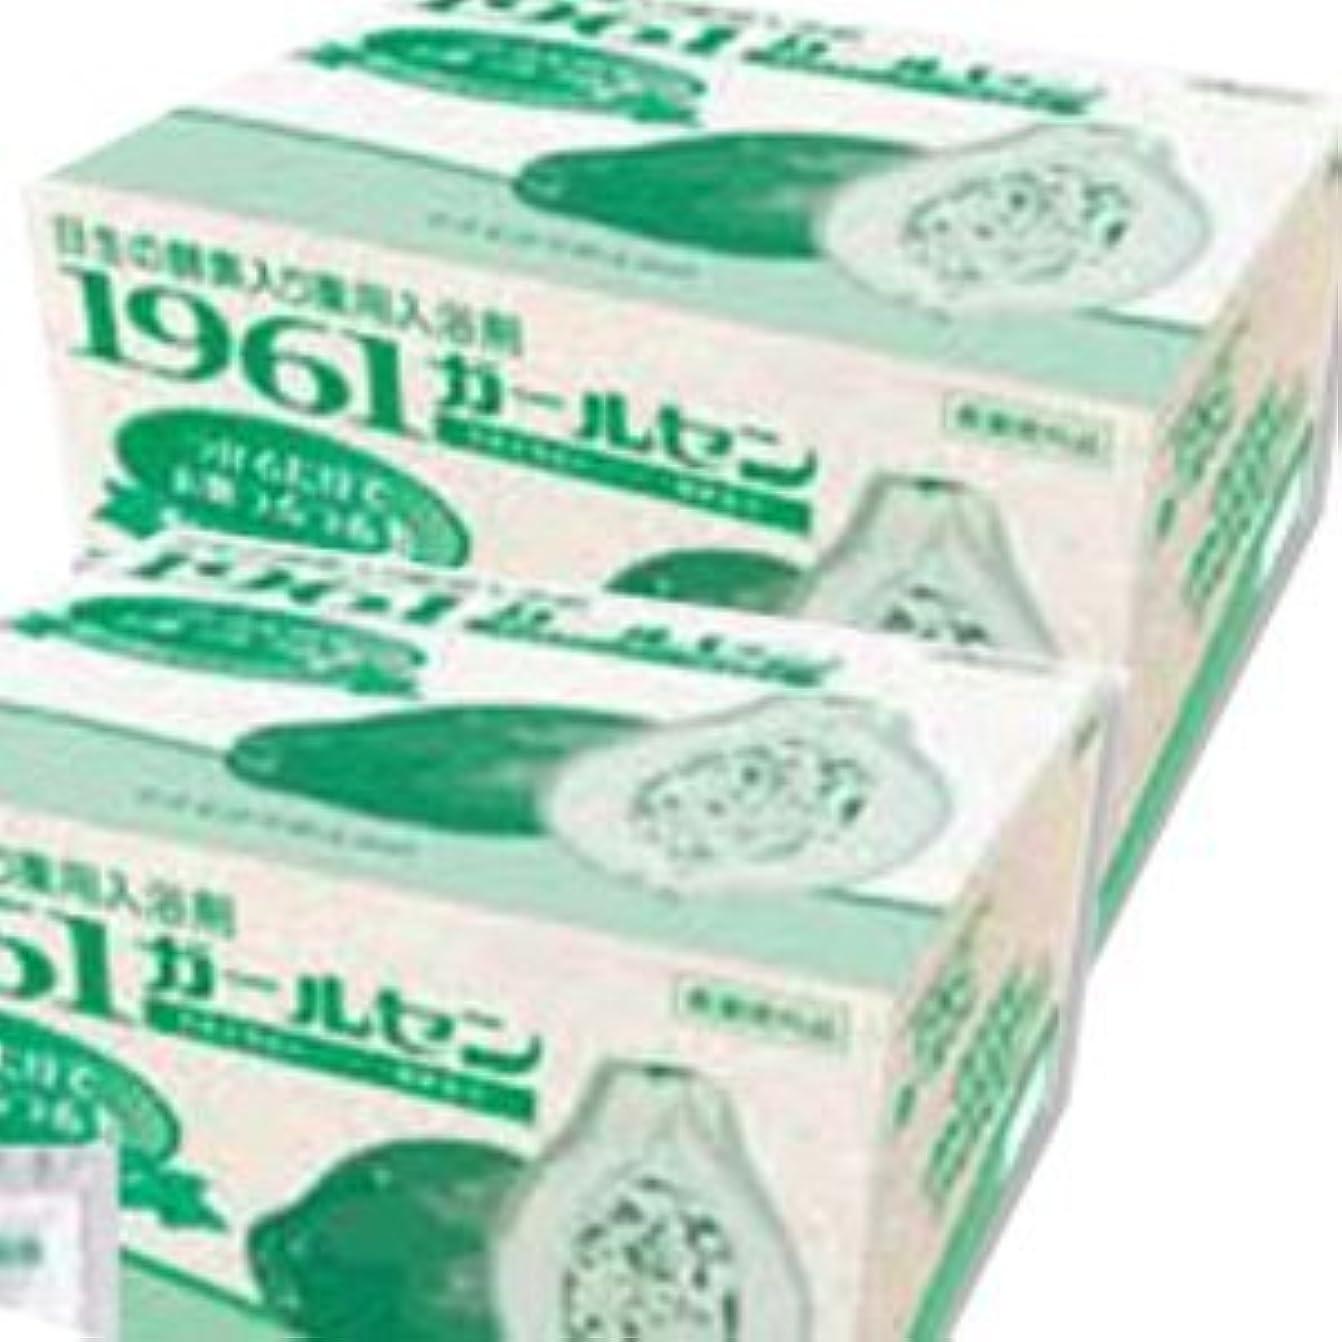 汚れる元に戻すドラッグ日本生化学 薬用入浴剤 1961ガールセン (20g×60包)×2箱 (医薬部外品)